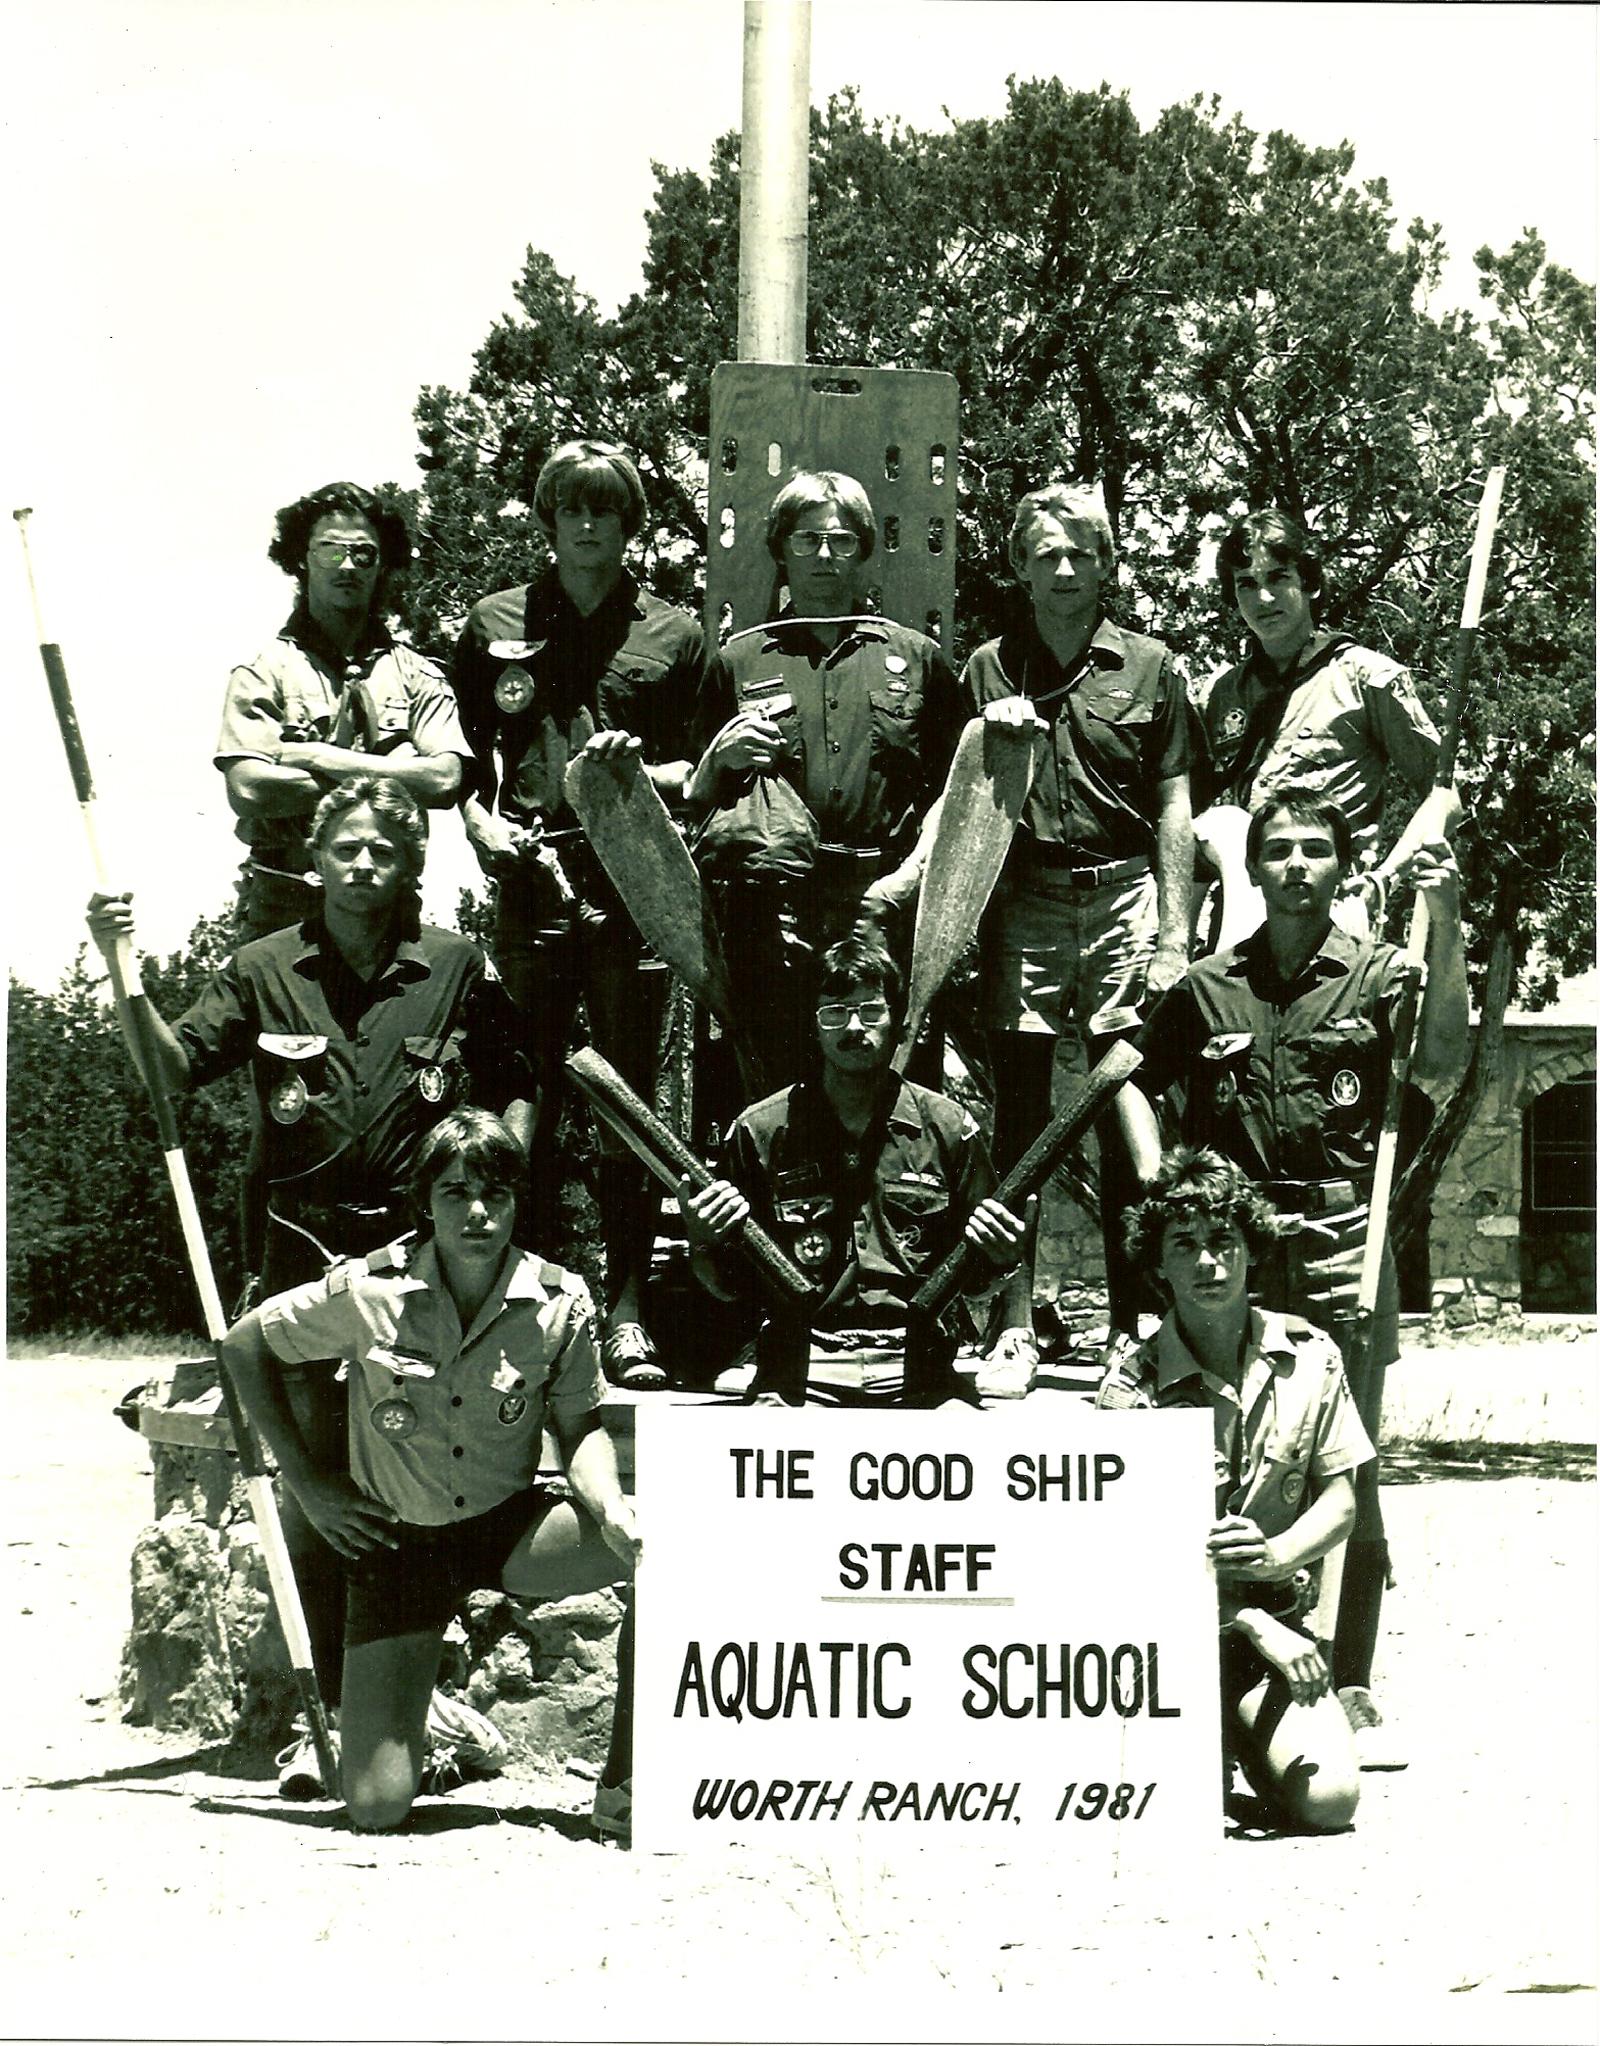 1981 Staff